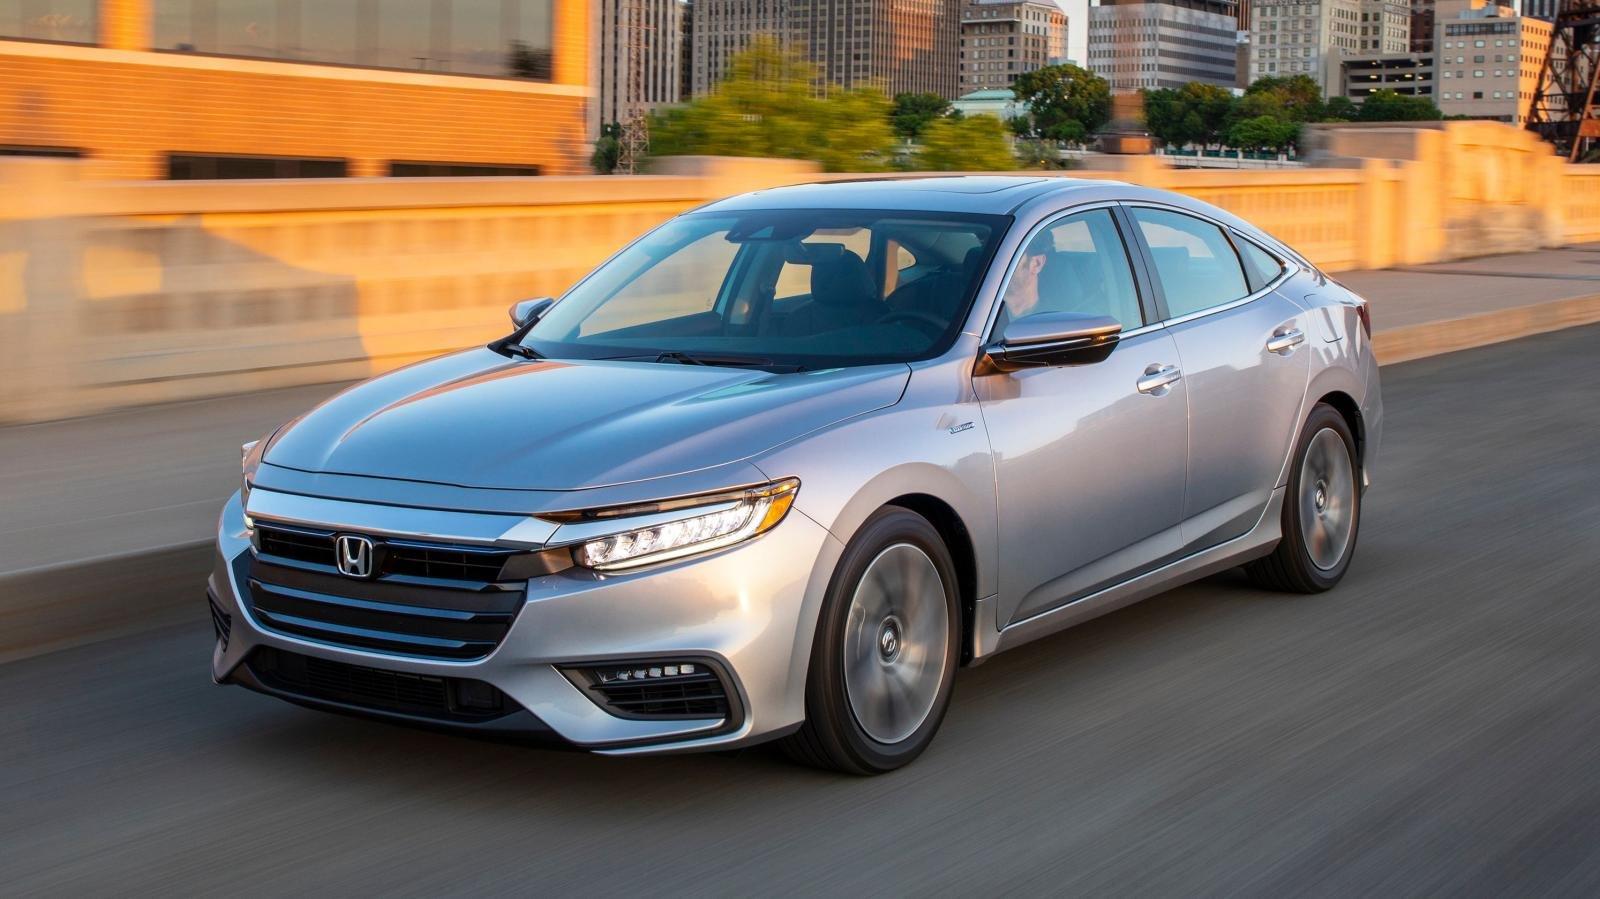 Honda Insight xuất sắc giành giải thưởng Ô tô Xanh 2019 3.